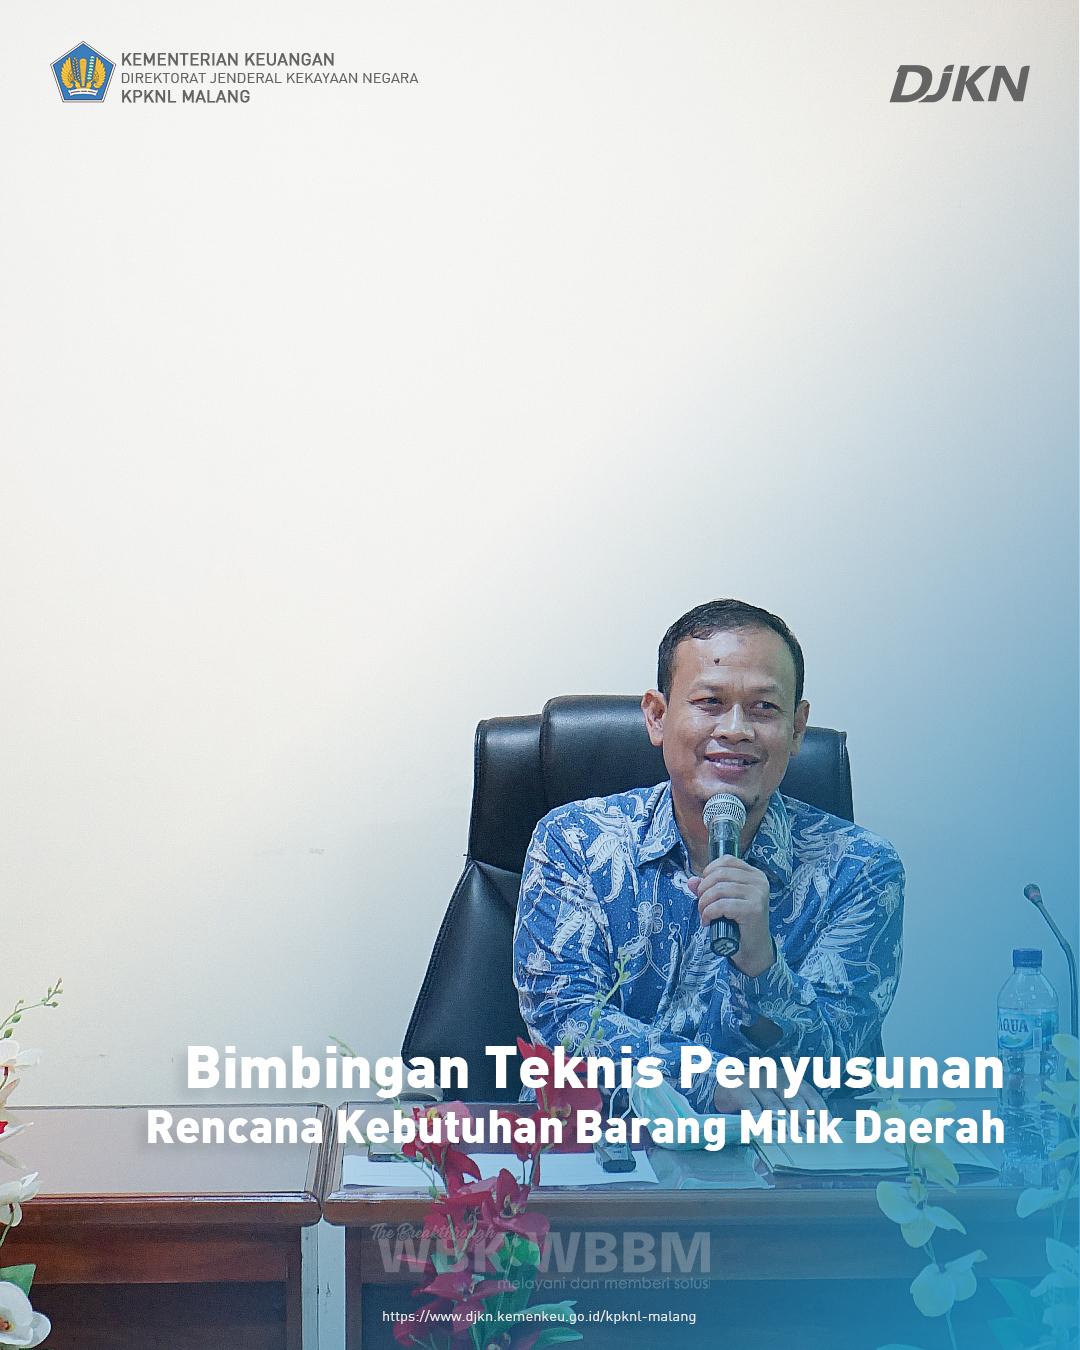 Bimbingan Teknis Penyusunan Rencana Kebutuhan Barang Milik Daerah Pemerintah Kabupaten Trenggalek